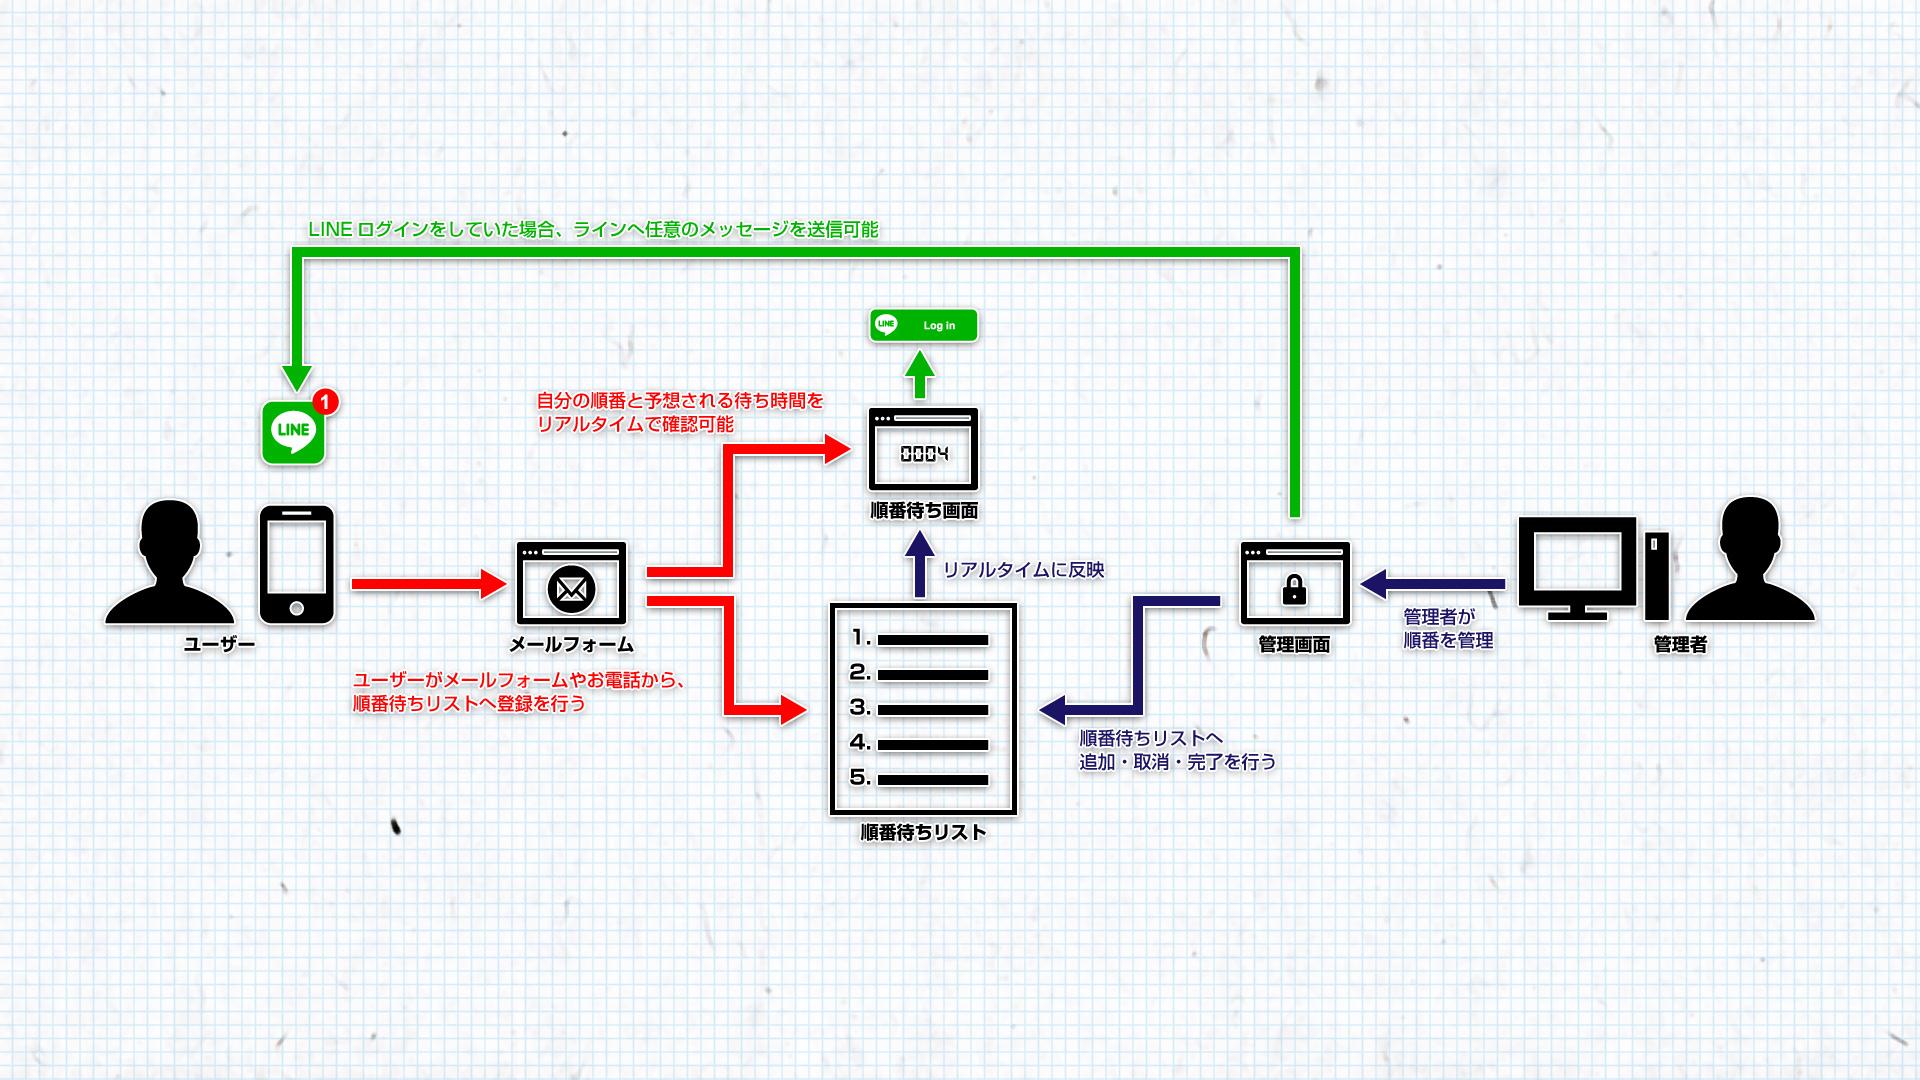 続・順番待ち受付システム機能(2) | 和田憲幸のブログ